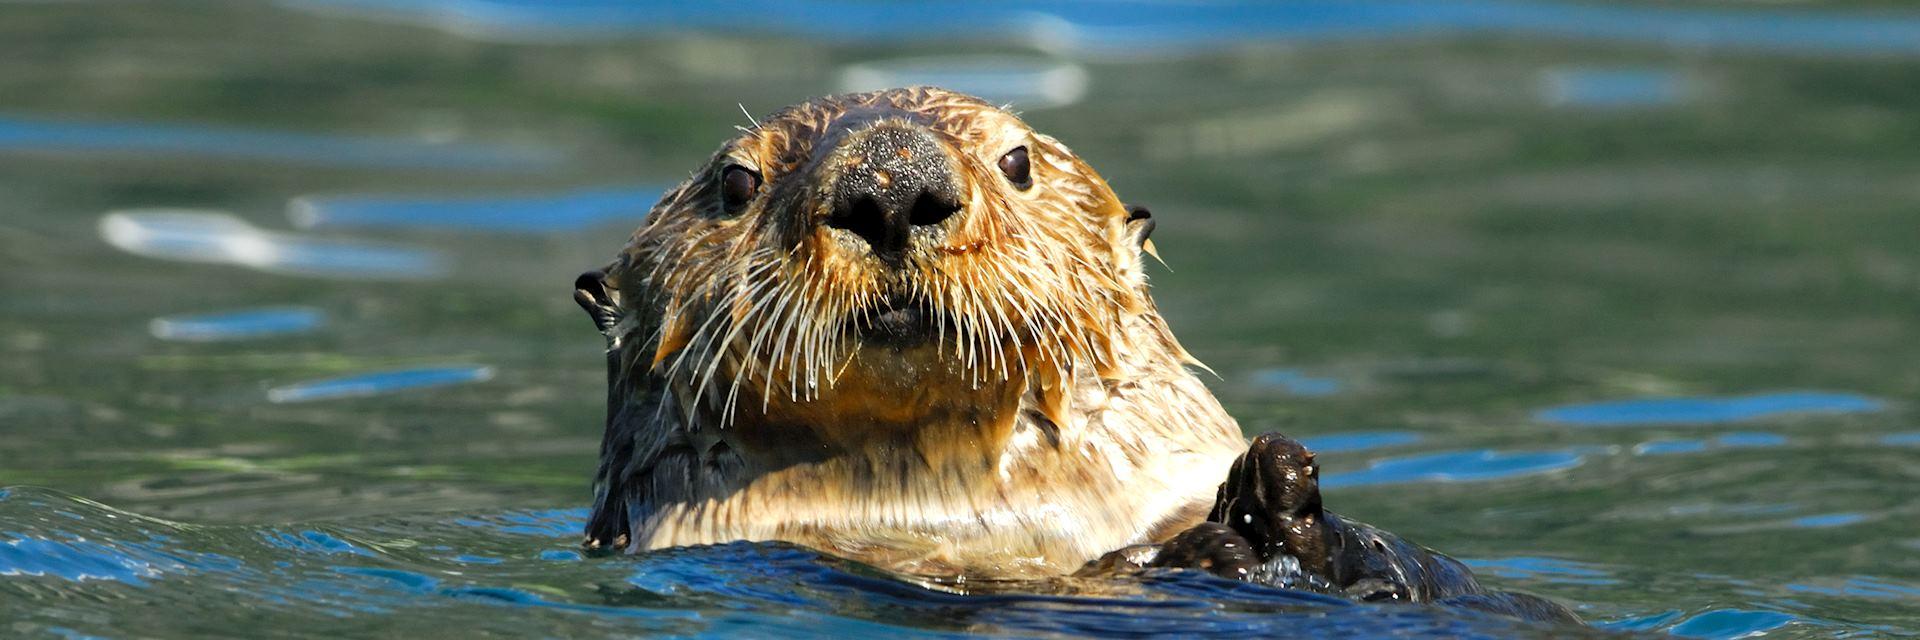 Sea otter, Kenai Peninsula